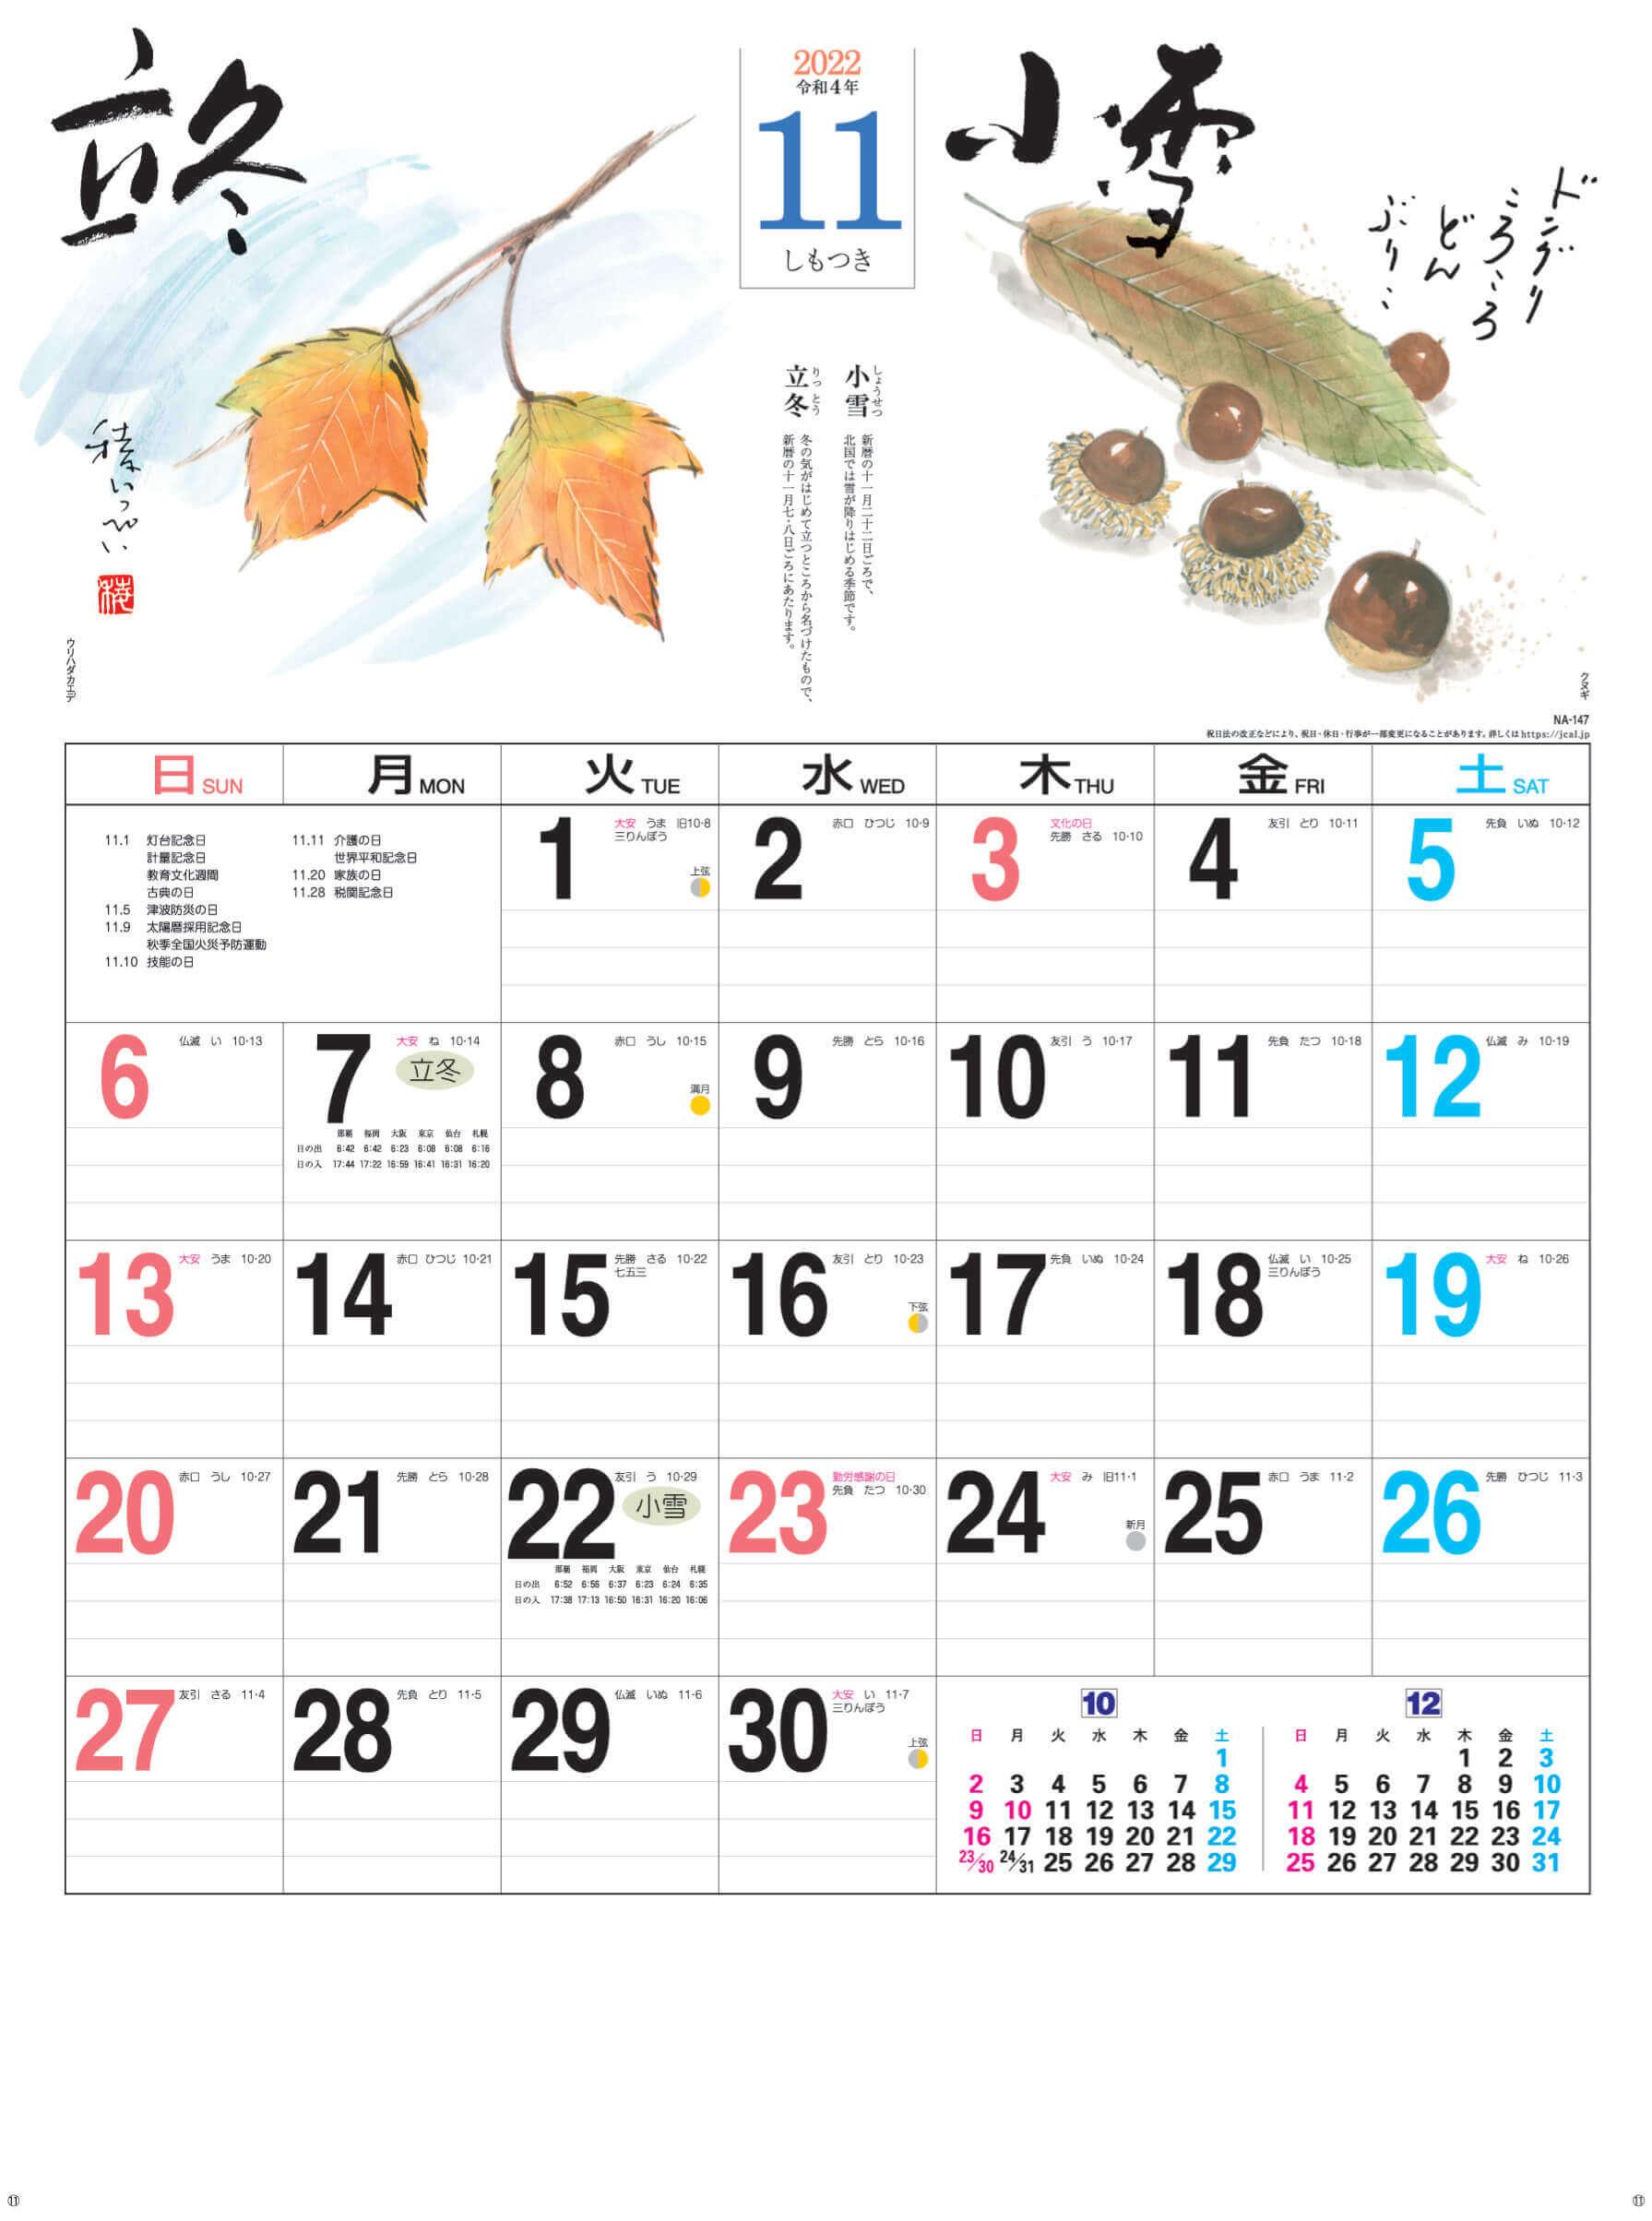 11月(しもつき)立冬-小寒 二十四節季 2022年カレンダーの画像